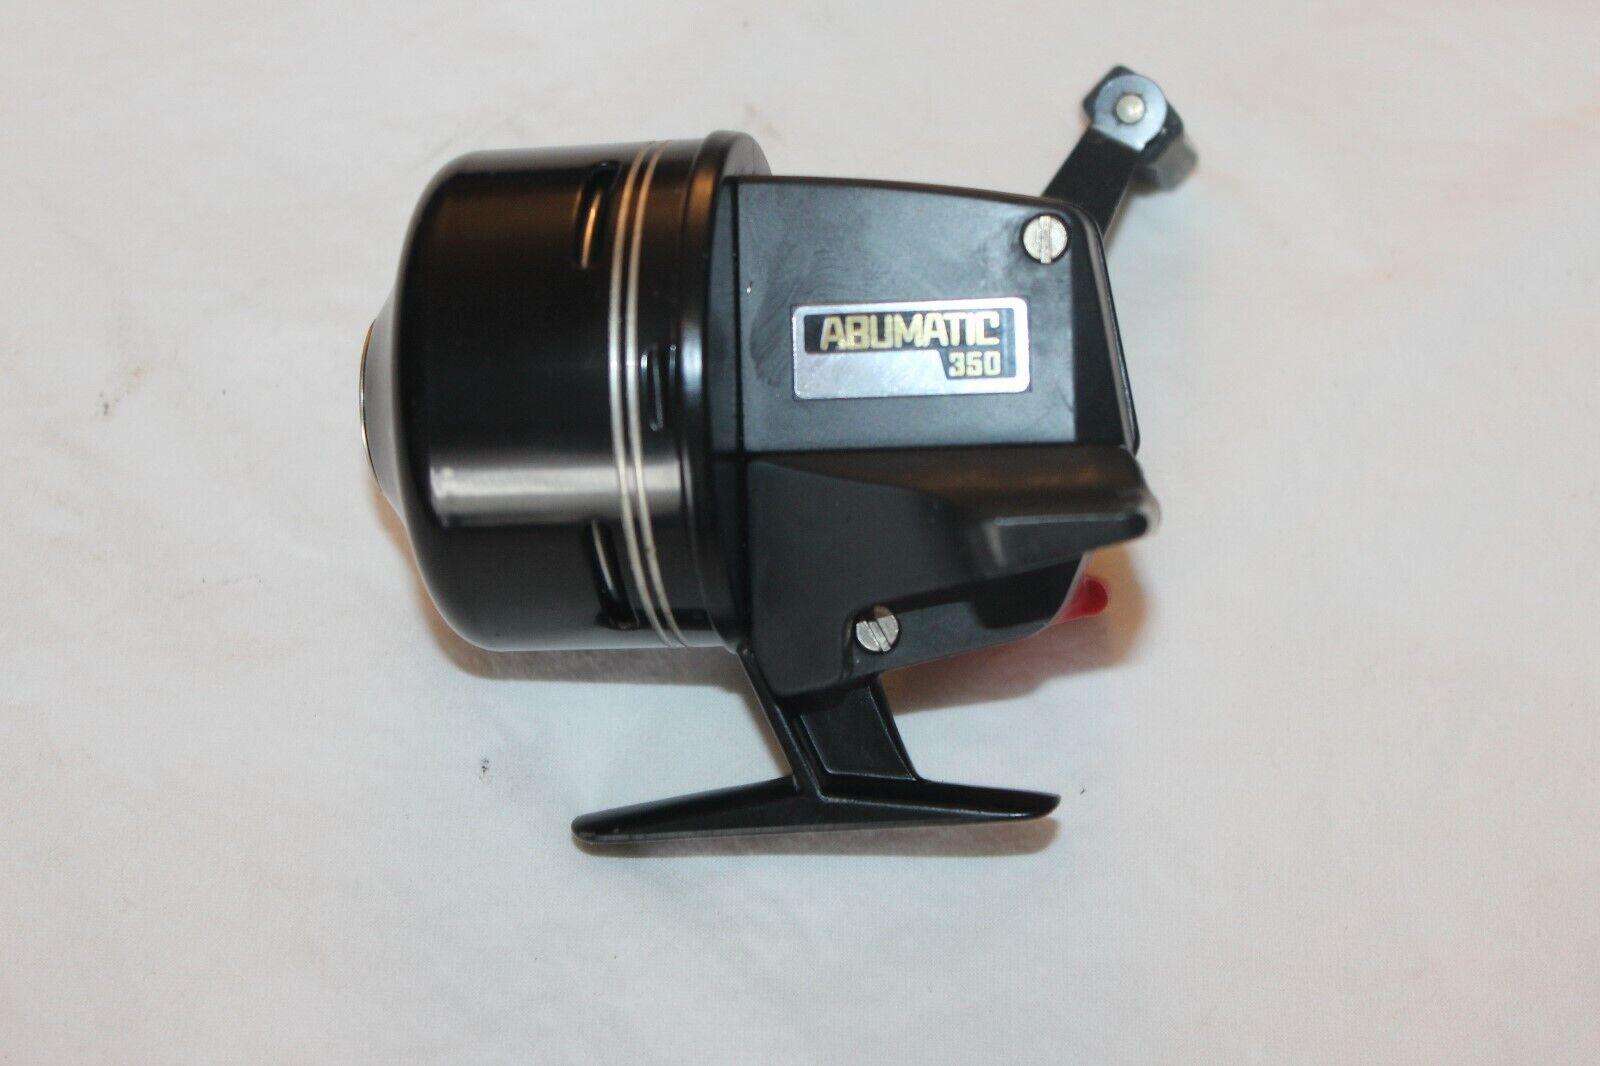 Abu matic 350-Produkt von Schweden-Nr-1600